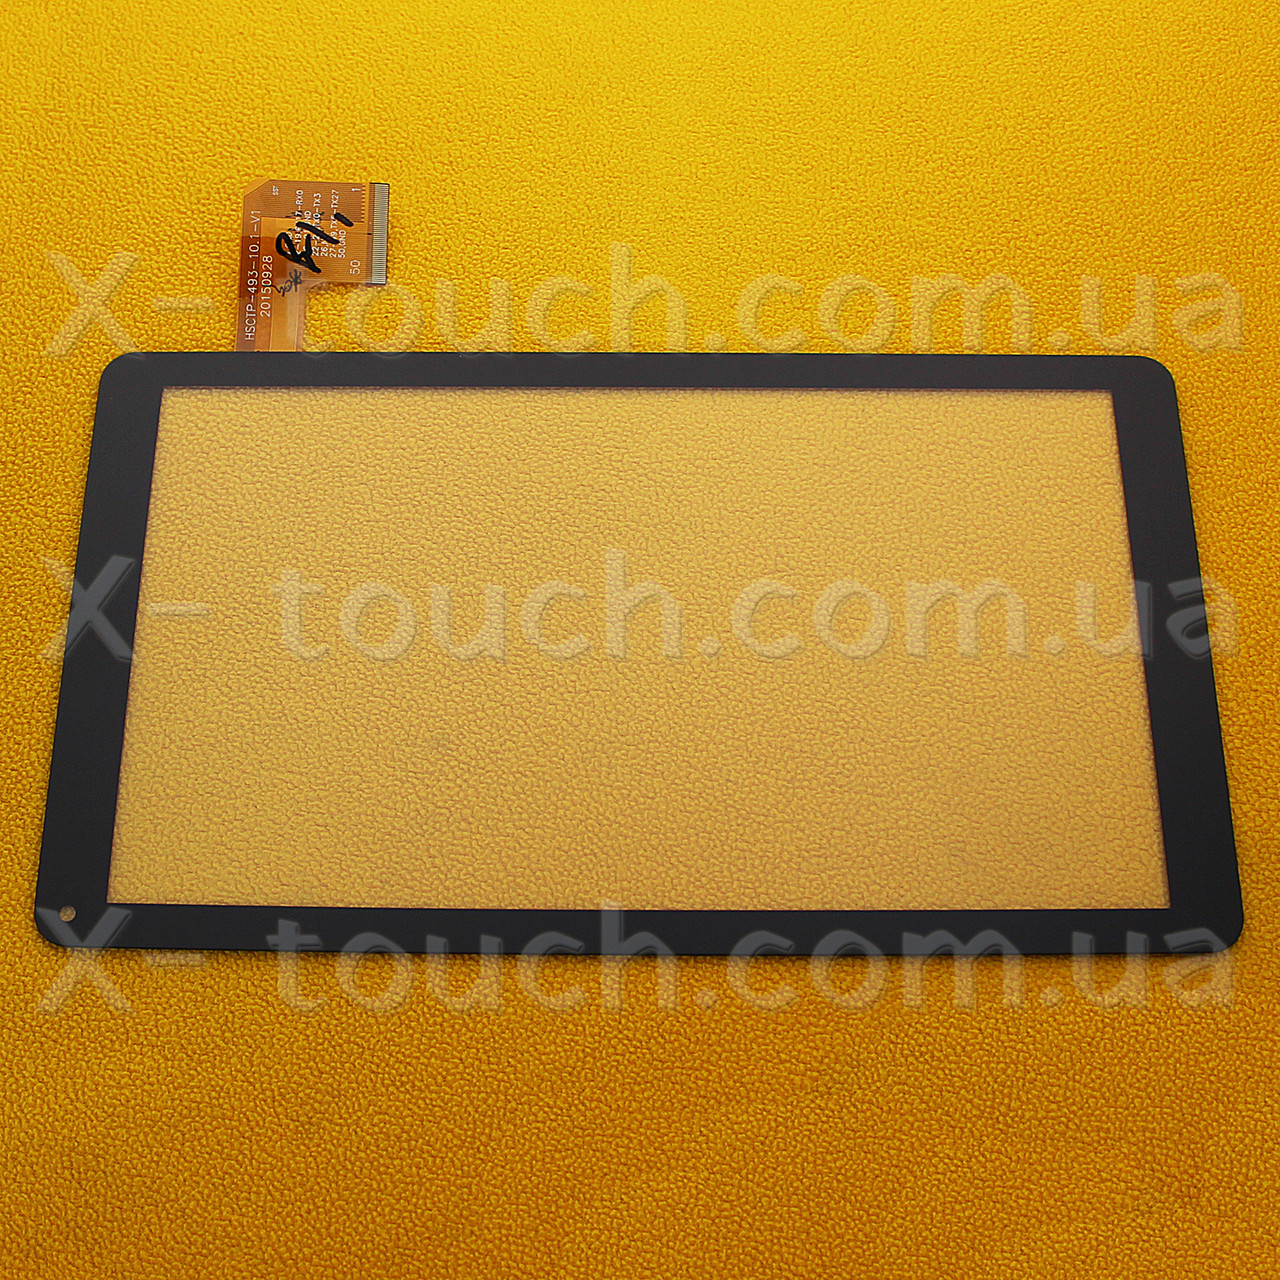 Тачскрин, сенсор  HSCTP-493-101 для планшета